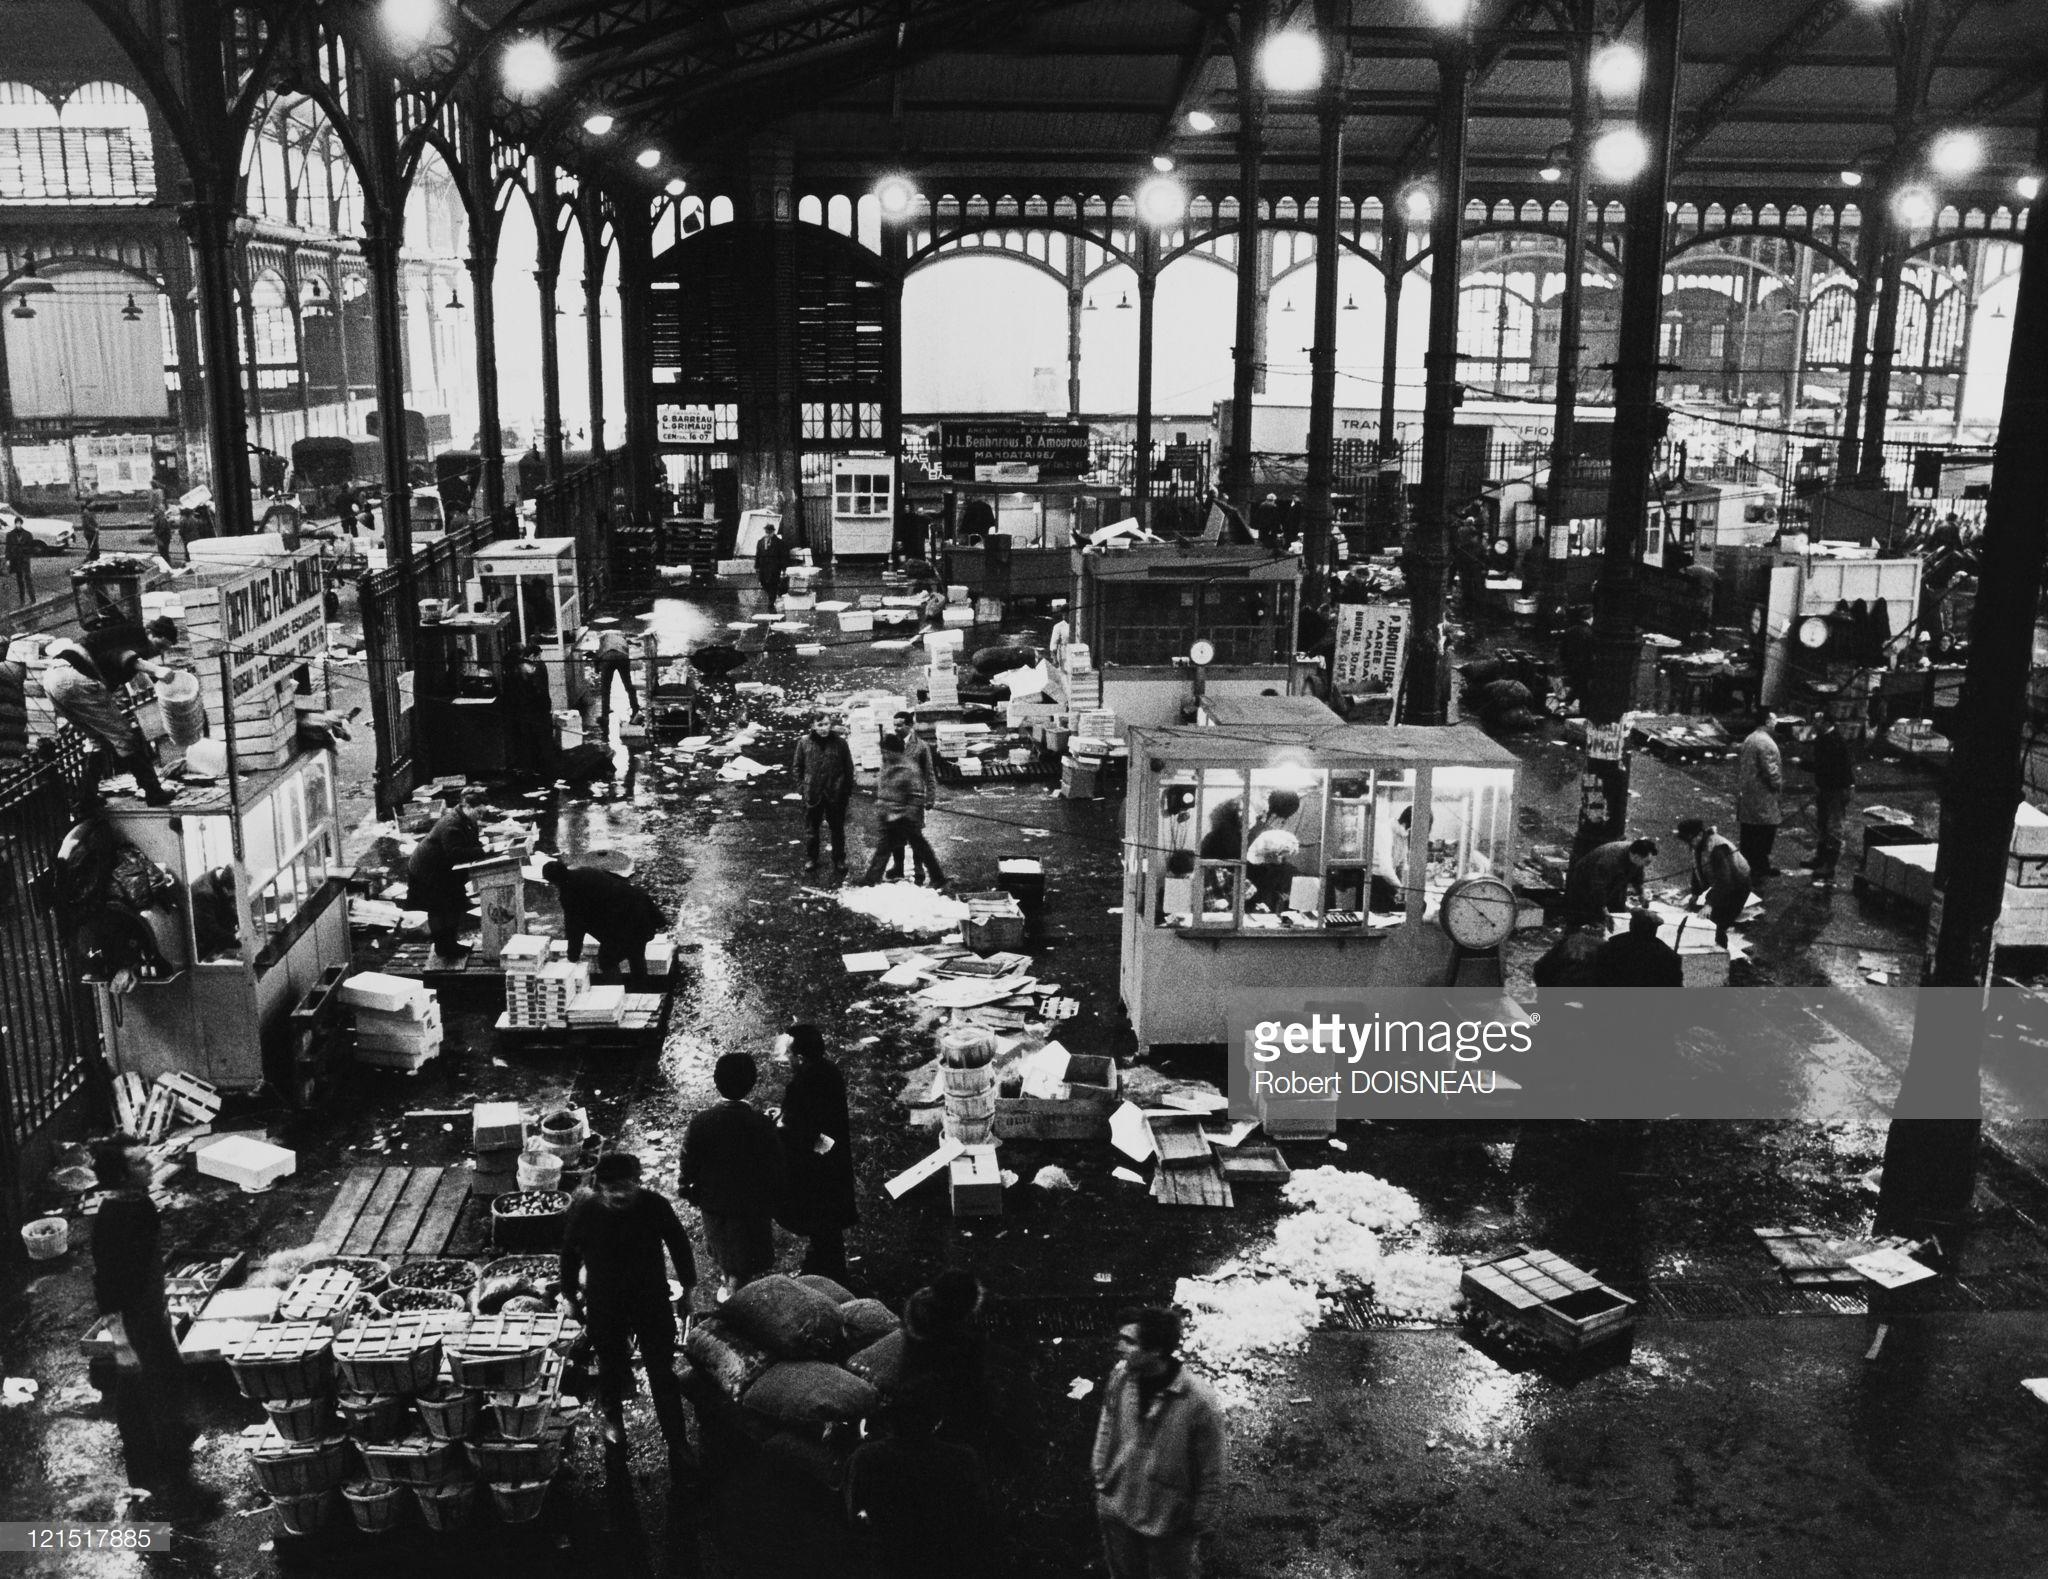 1969. Ле-Аль, Рыбный рынок переезжает. 12 марта